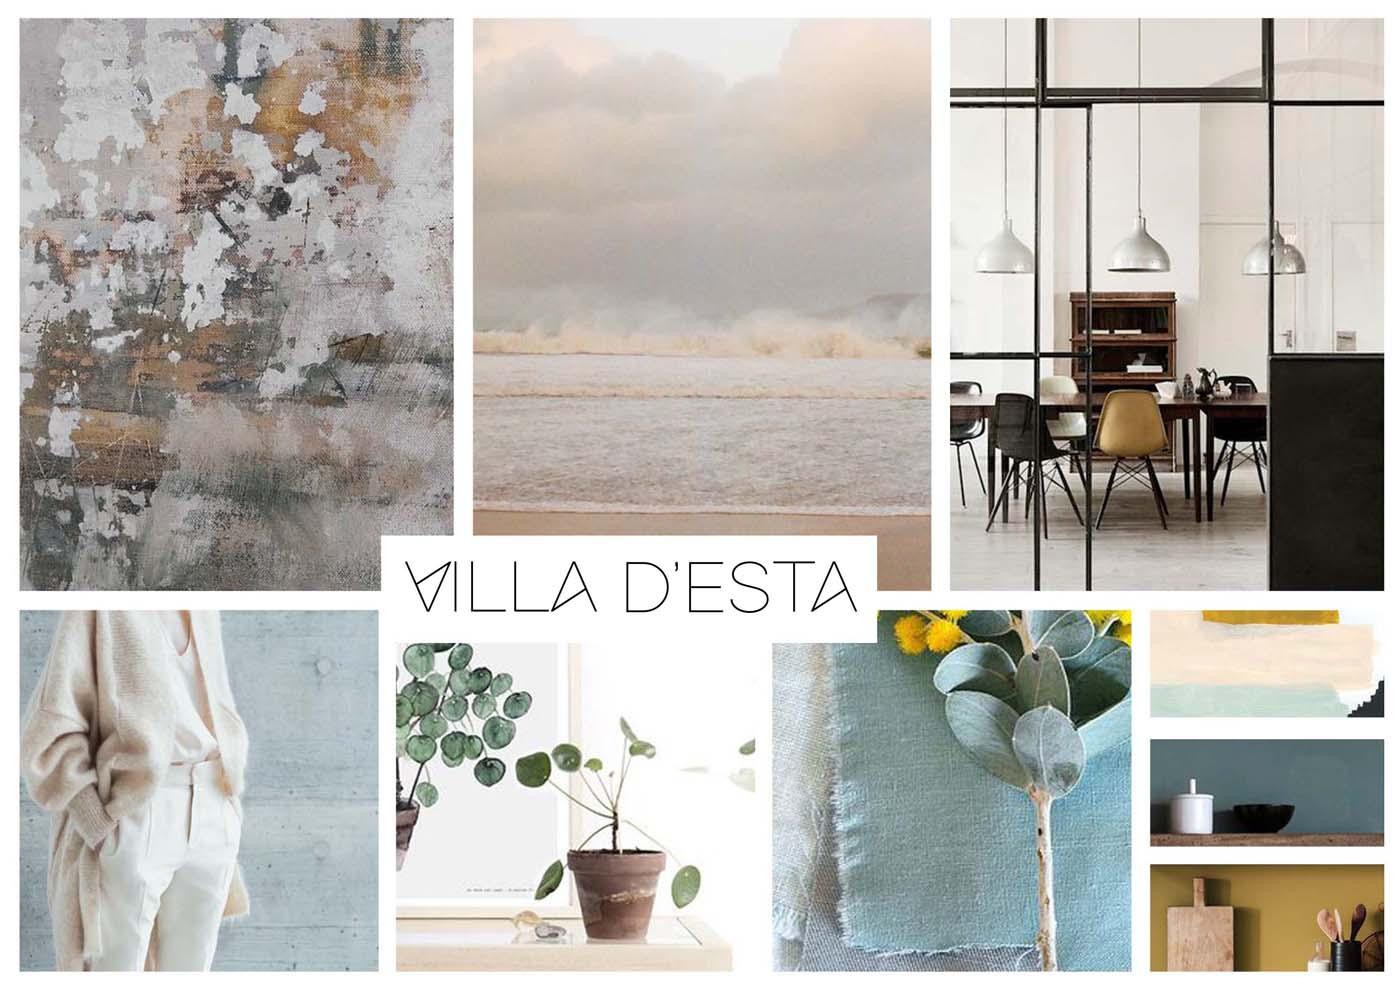 Interieurontwerp | Drie varianten voor een woonkeuken